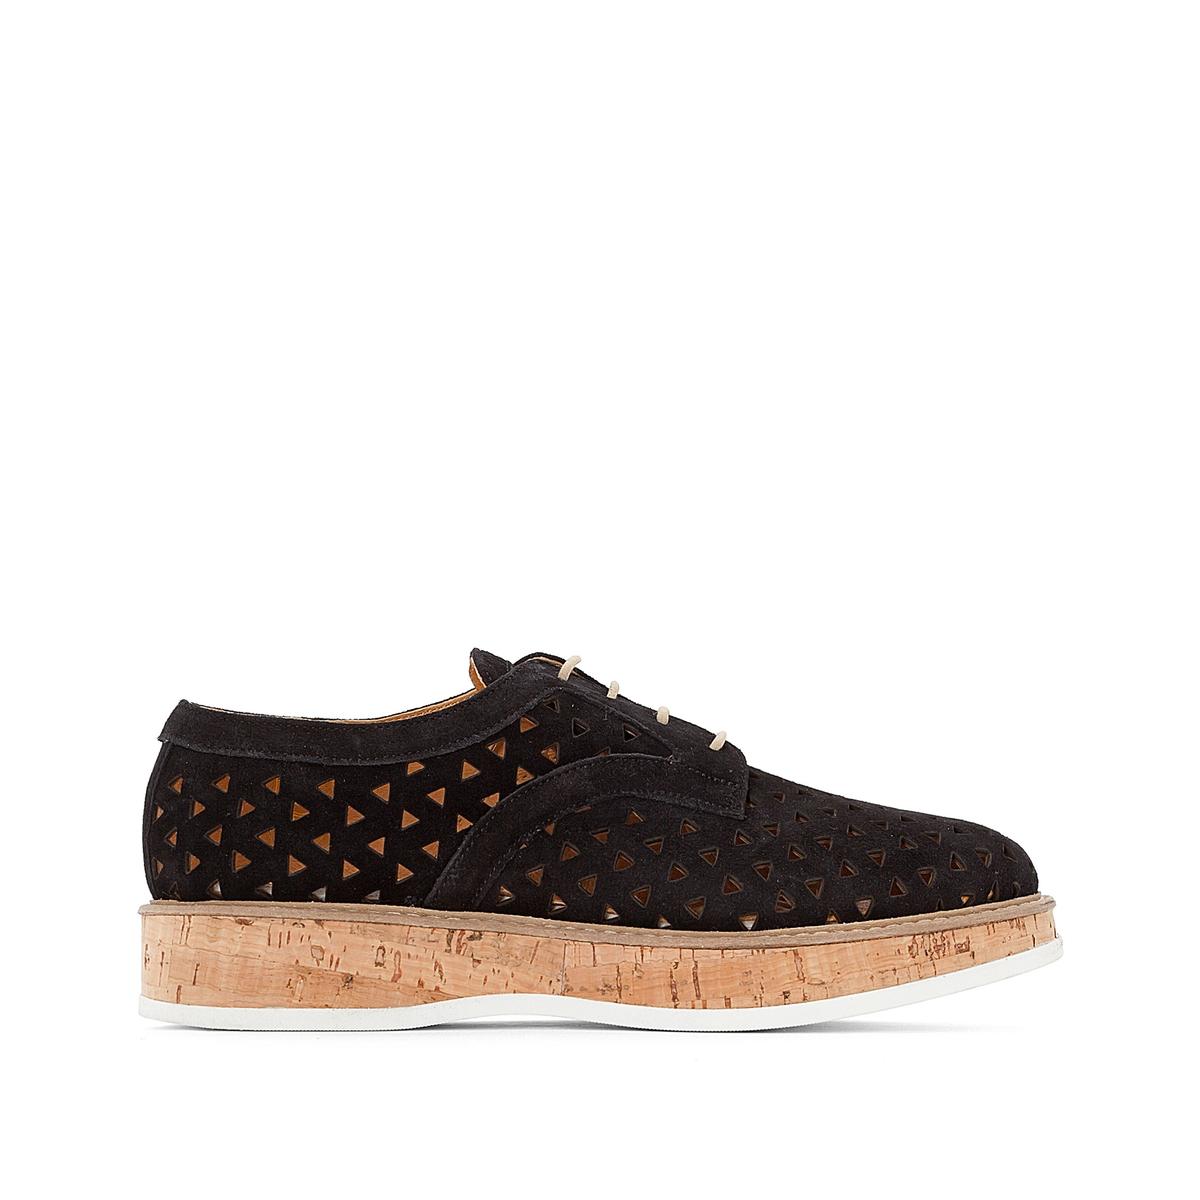 Ботинки-дерби на платформе из ажурной велюровой кожи, Malou ботинки дерби из мягкой кожи takarika